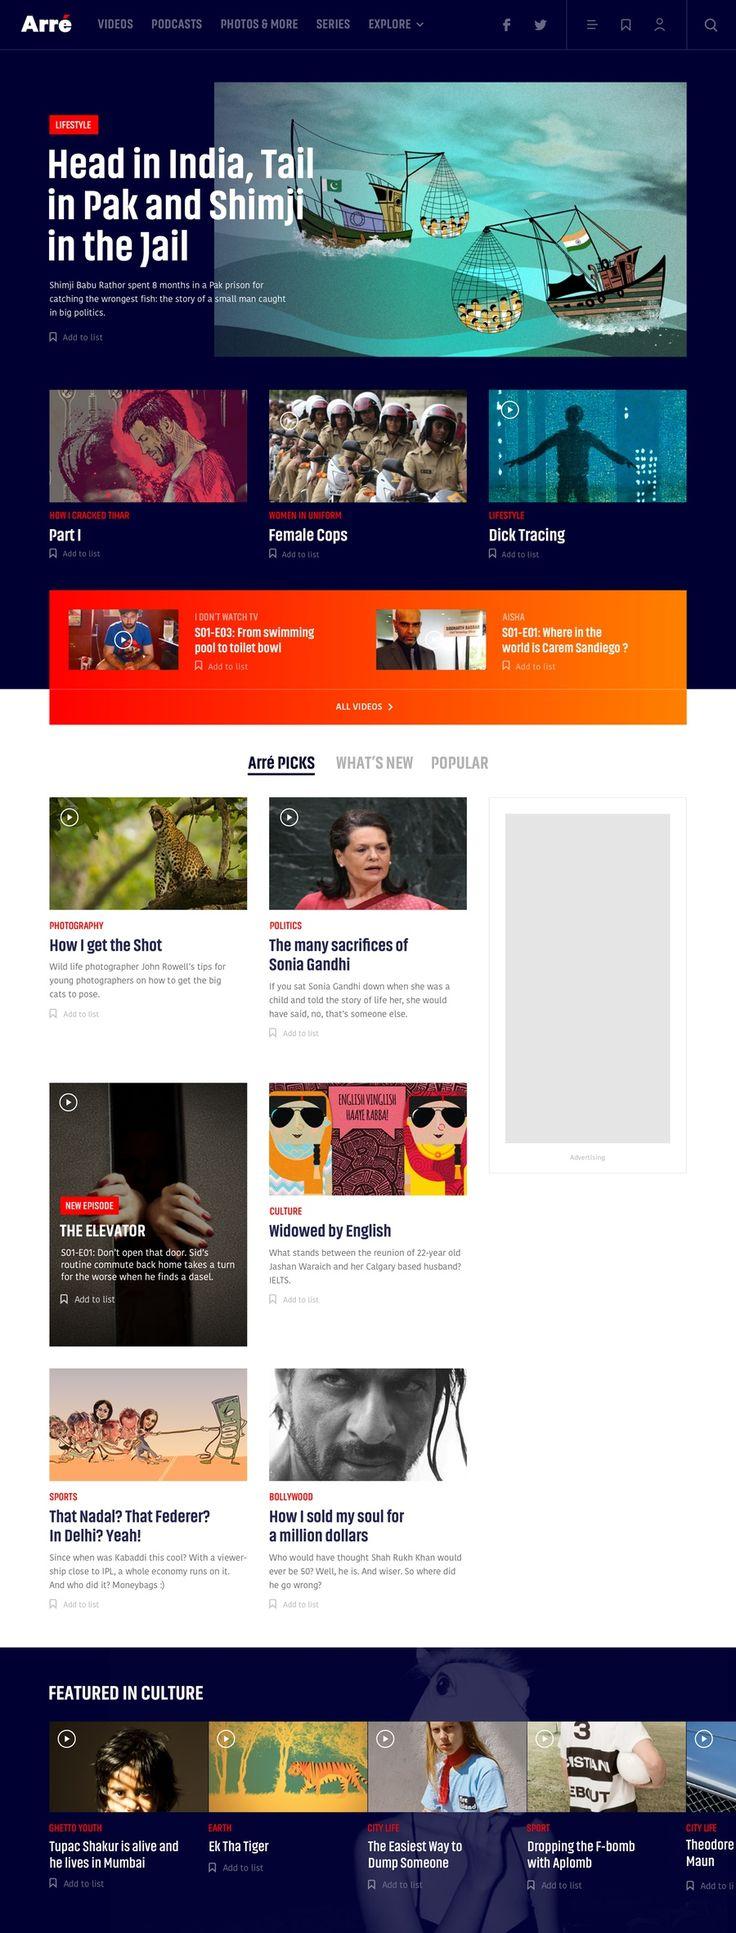 Arré brand & website — AREA 17